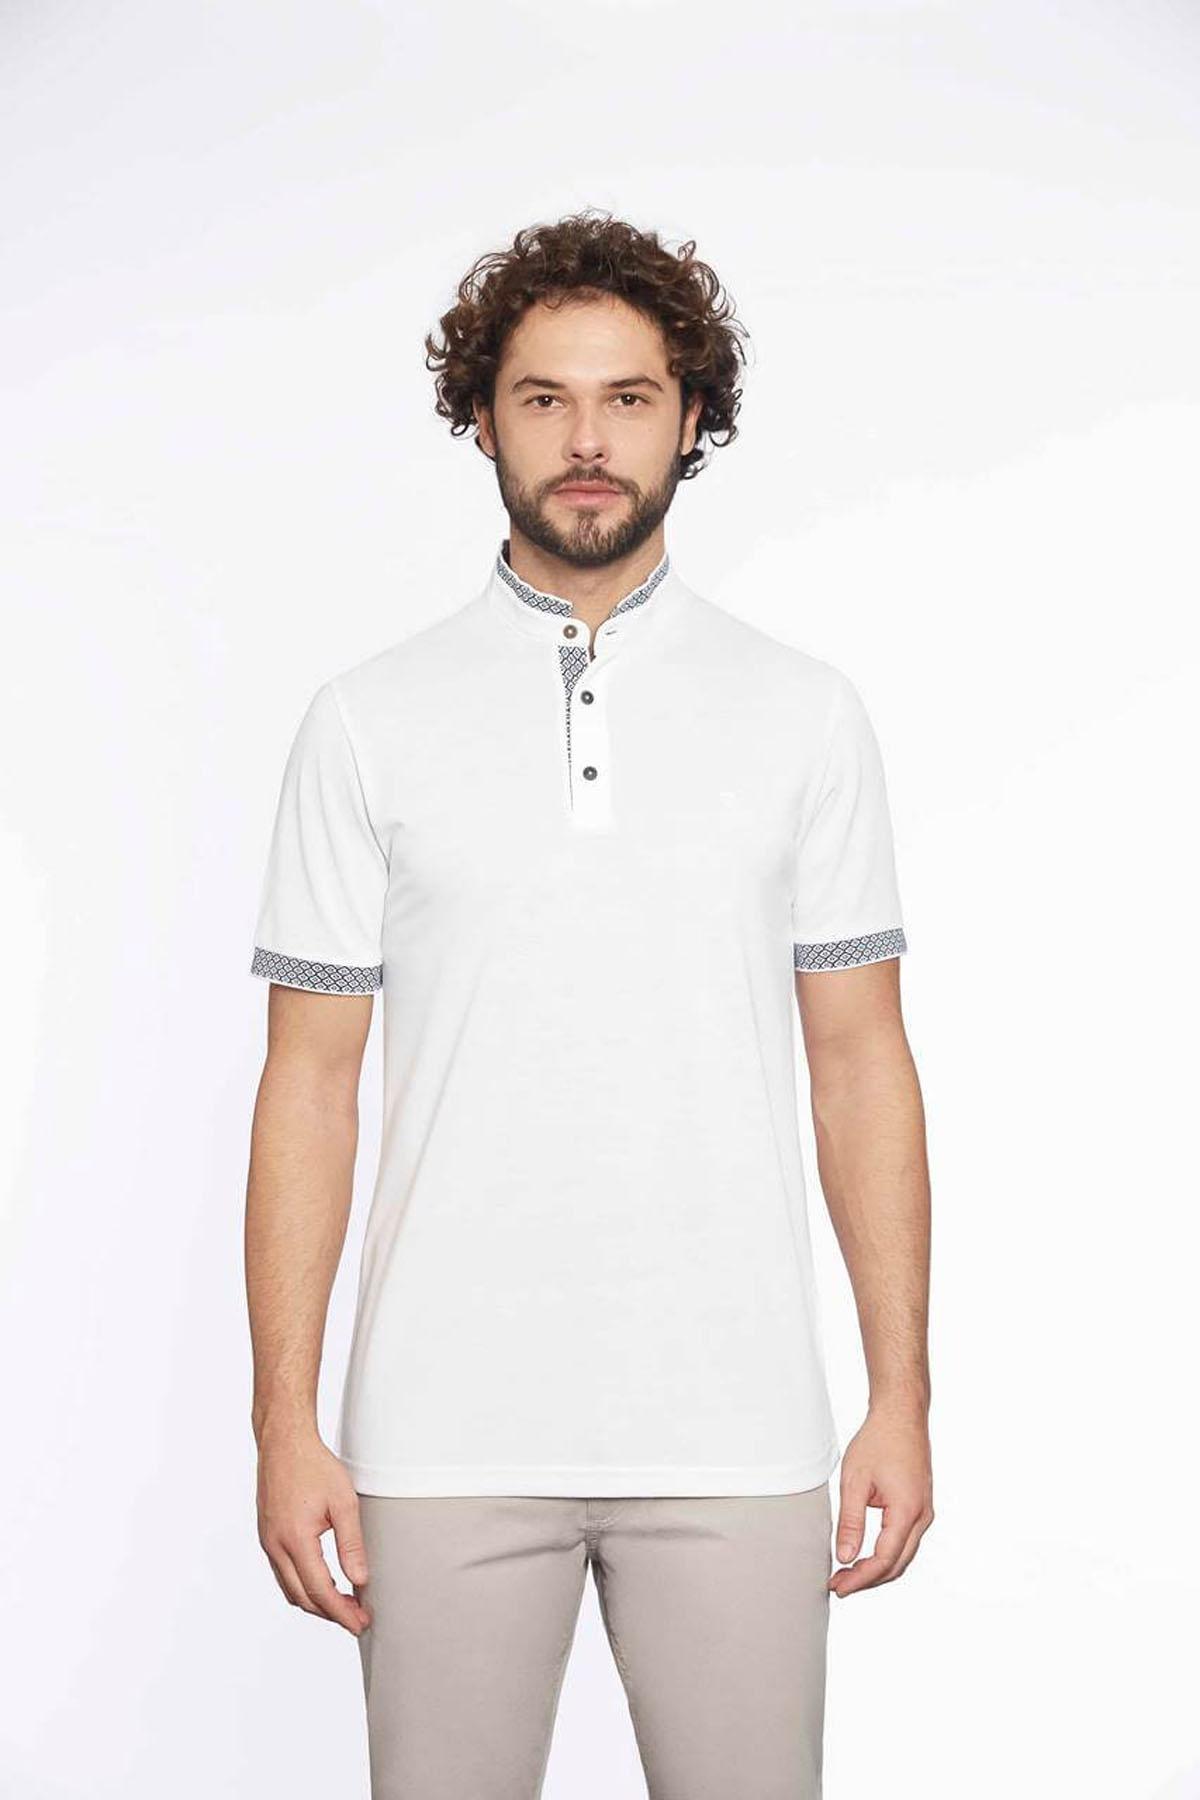 Hakim Yaka Erkek T-Shirt Beyaz